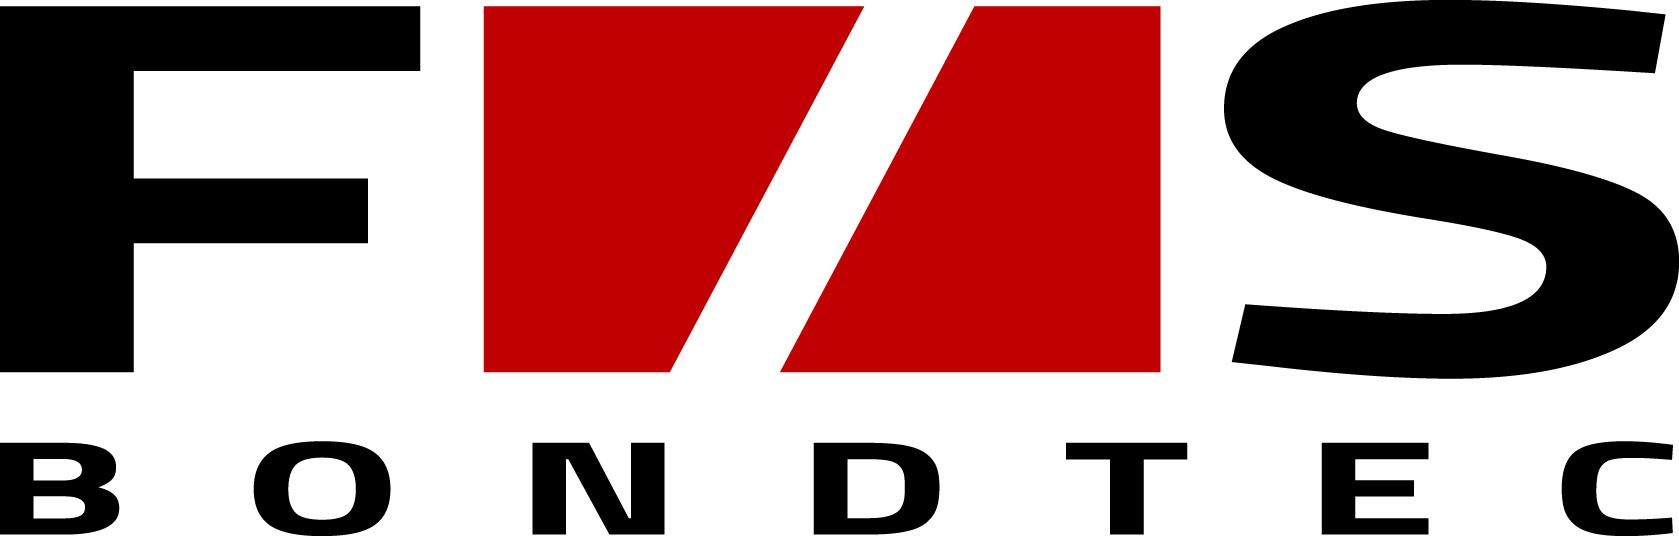 F&S Bondtec